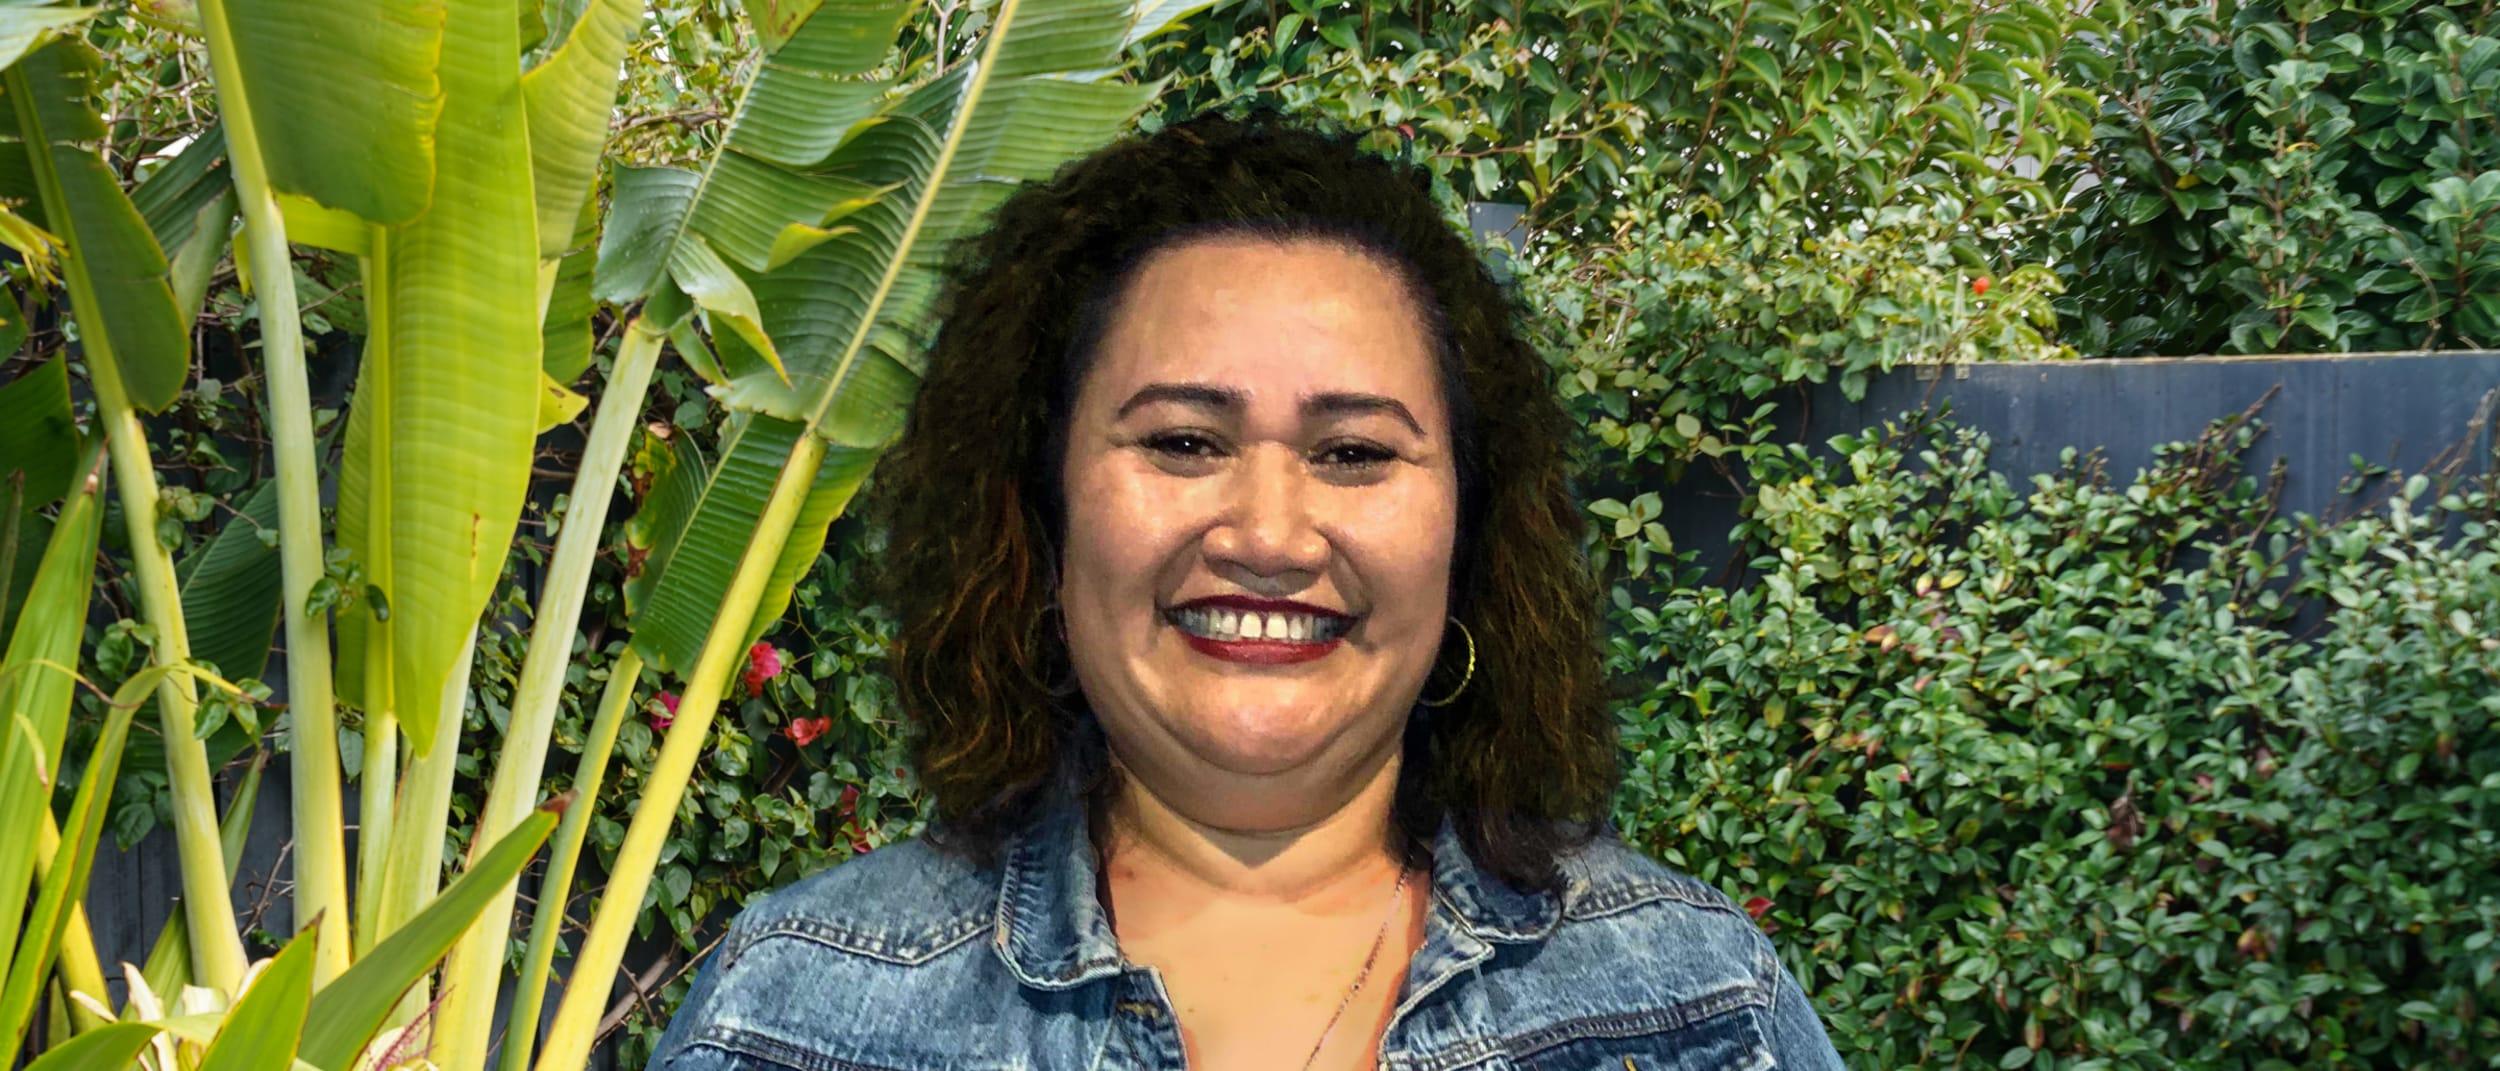 Meet Wendy Keate - Westfield Local Heroes 2021